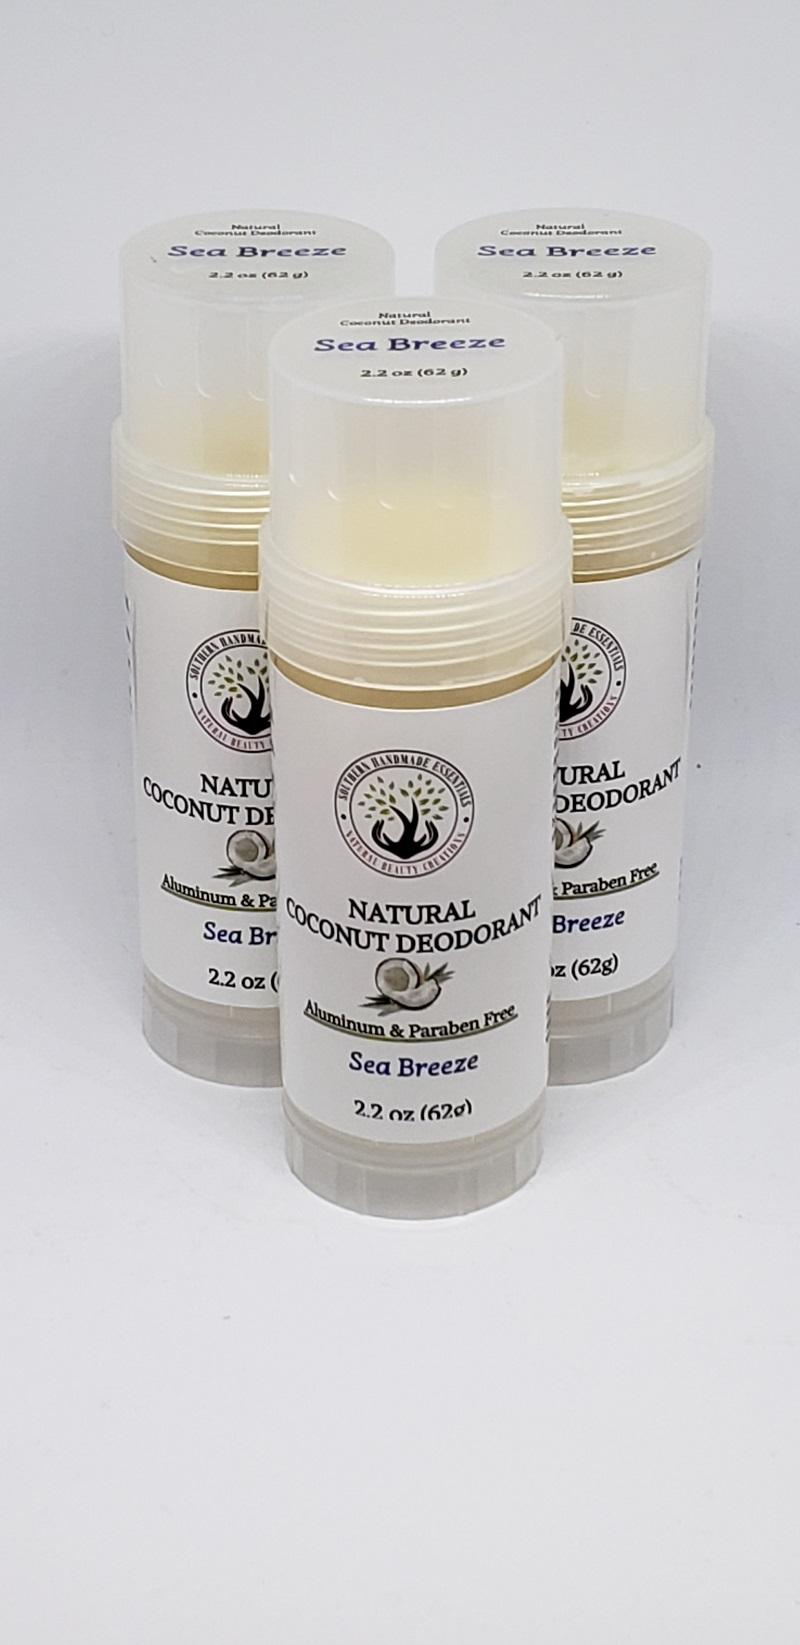 Natural Deodorant-Sea Breeze